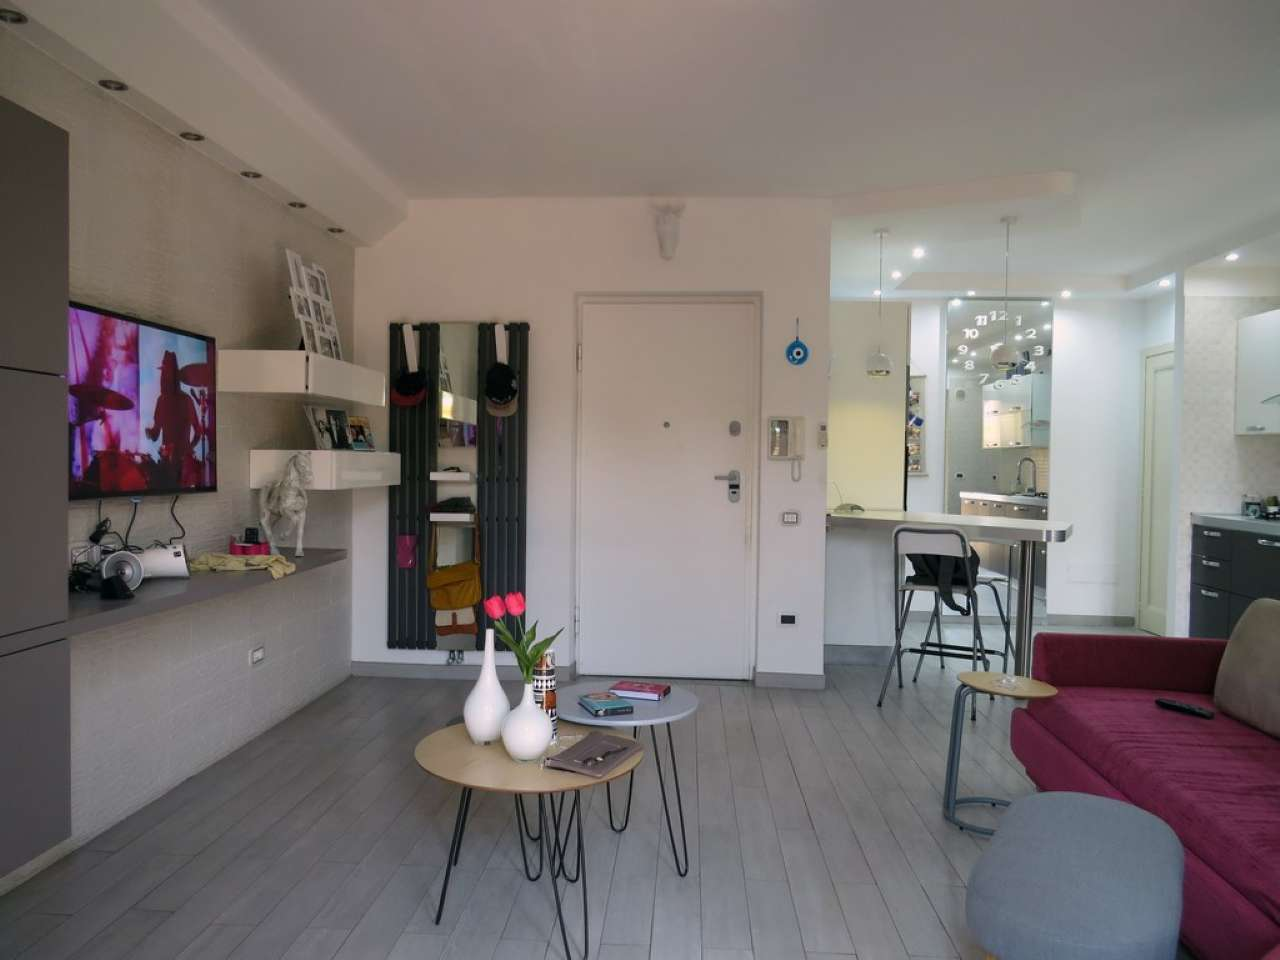 Appartamenti in vendita a Napoli in zona Poggioreale. Cerca con ...